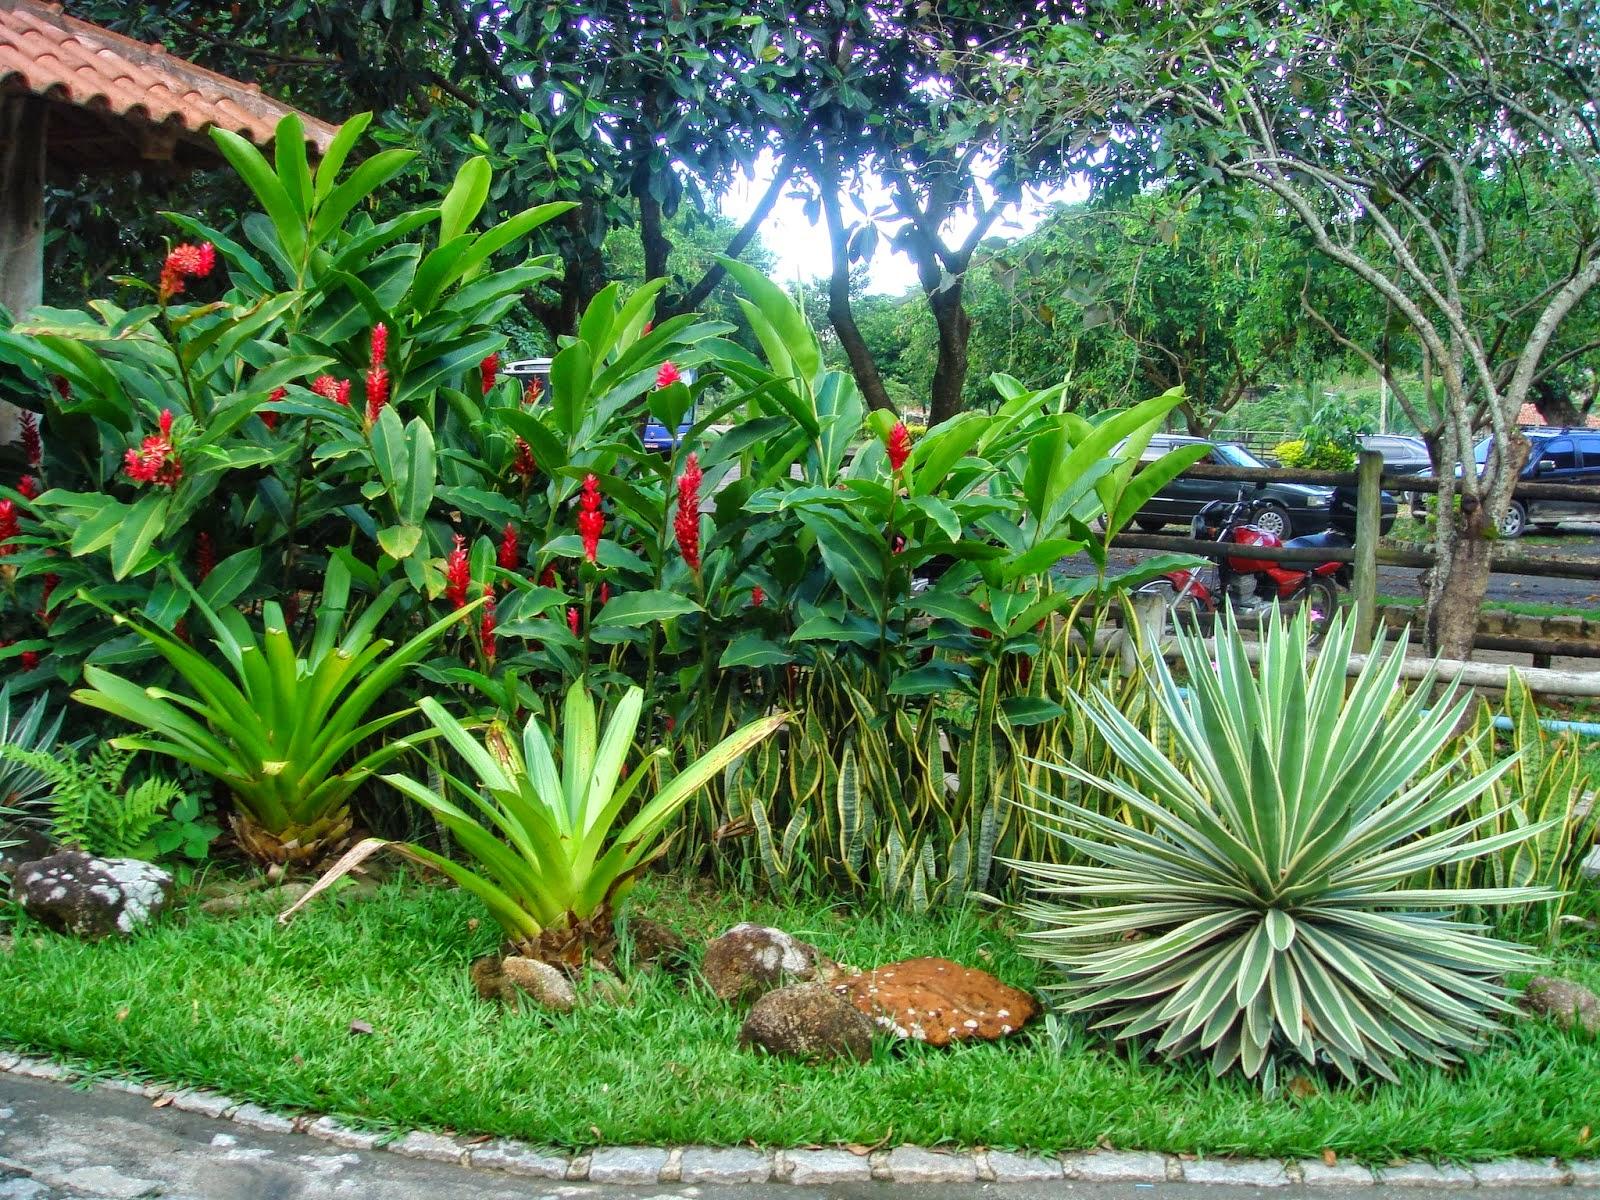 flores tropicais jardim : flores tropicais jardim: lagos transmitindo a sensação de frescor das florestas tropicais